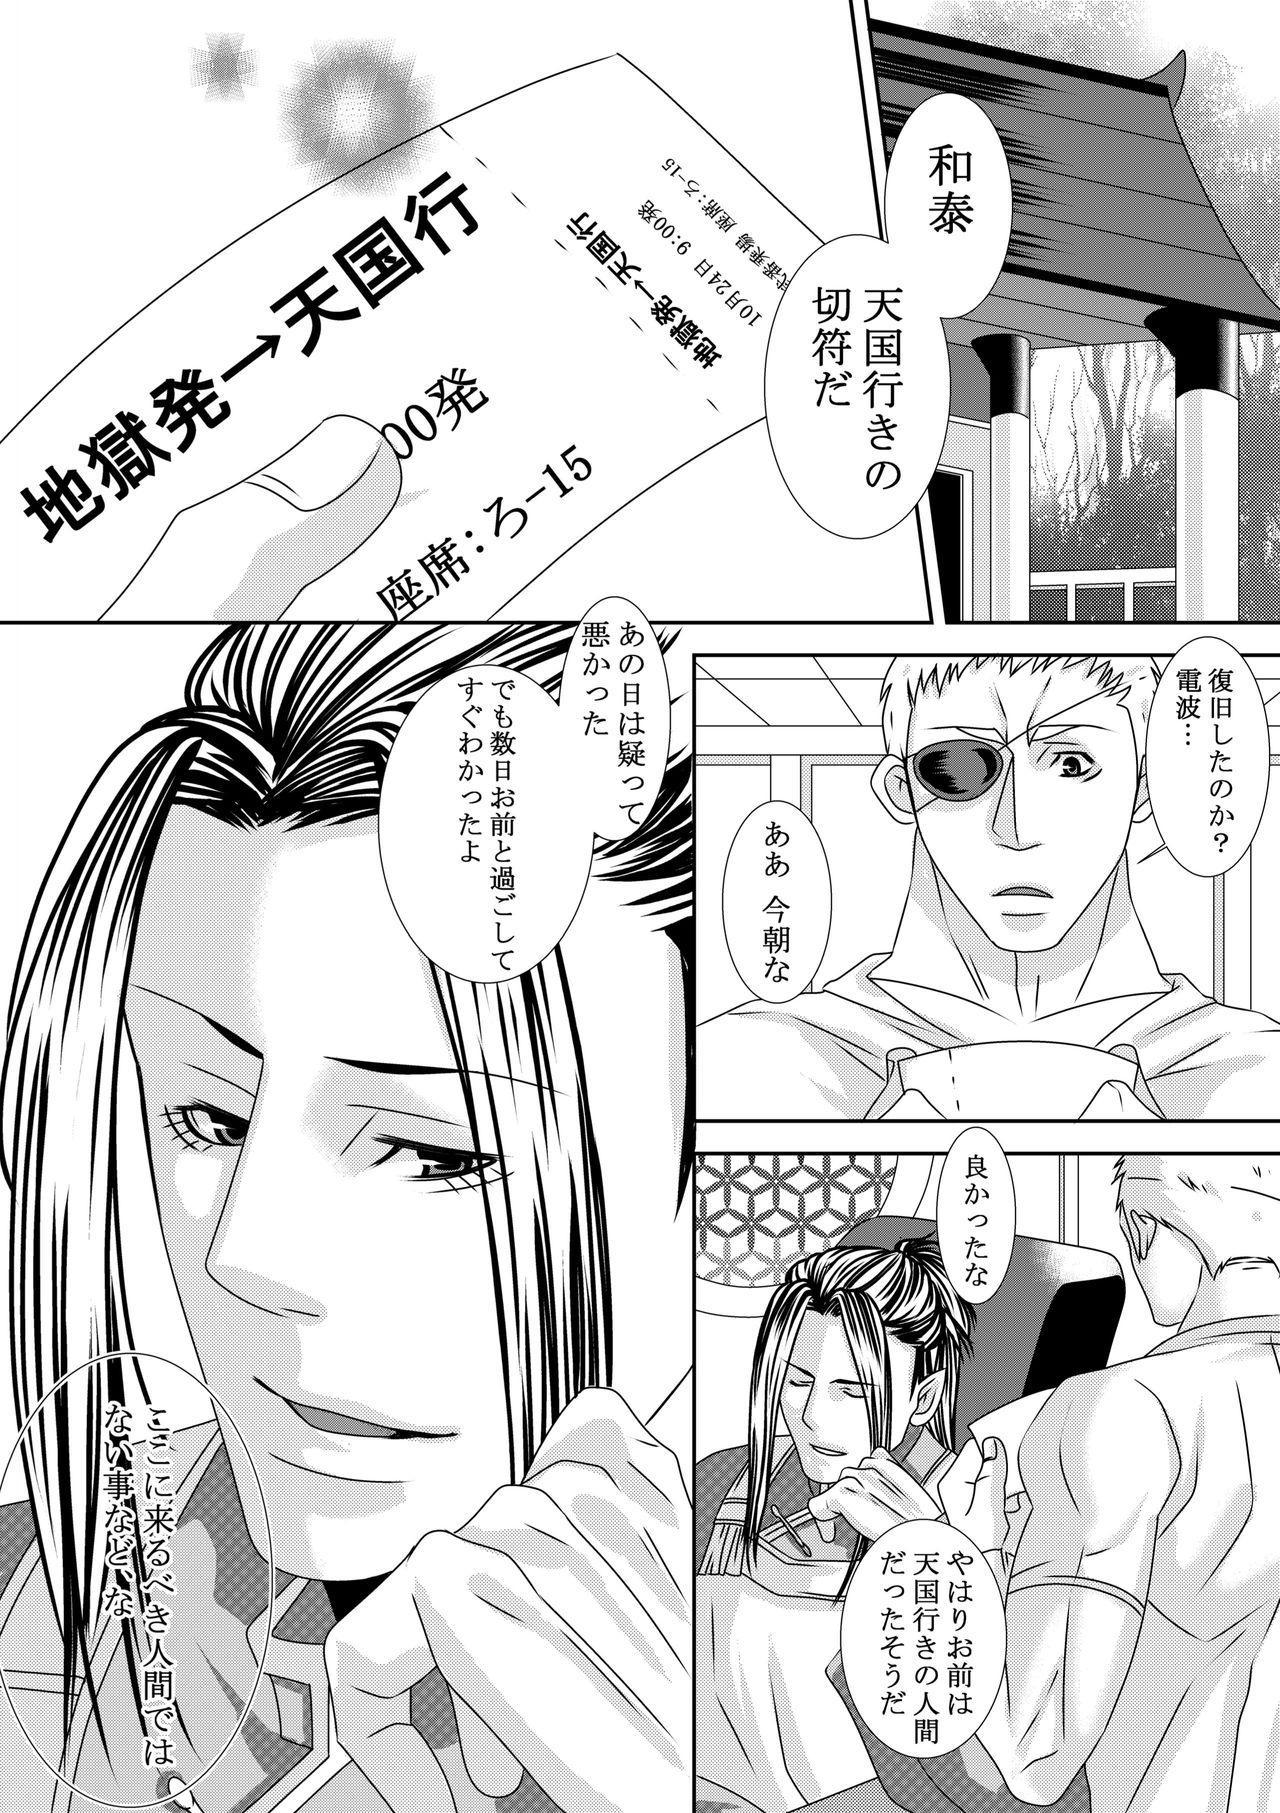 Choukyou Jigoku Ezu 37